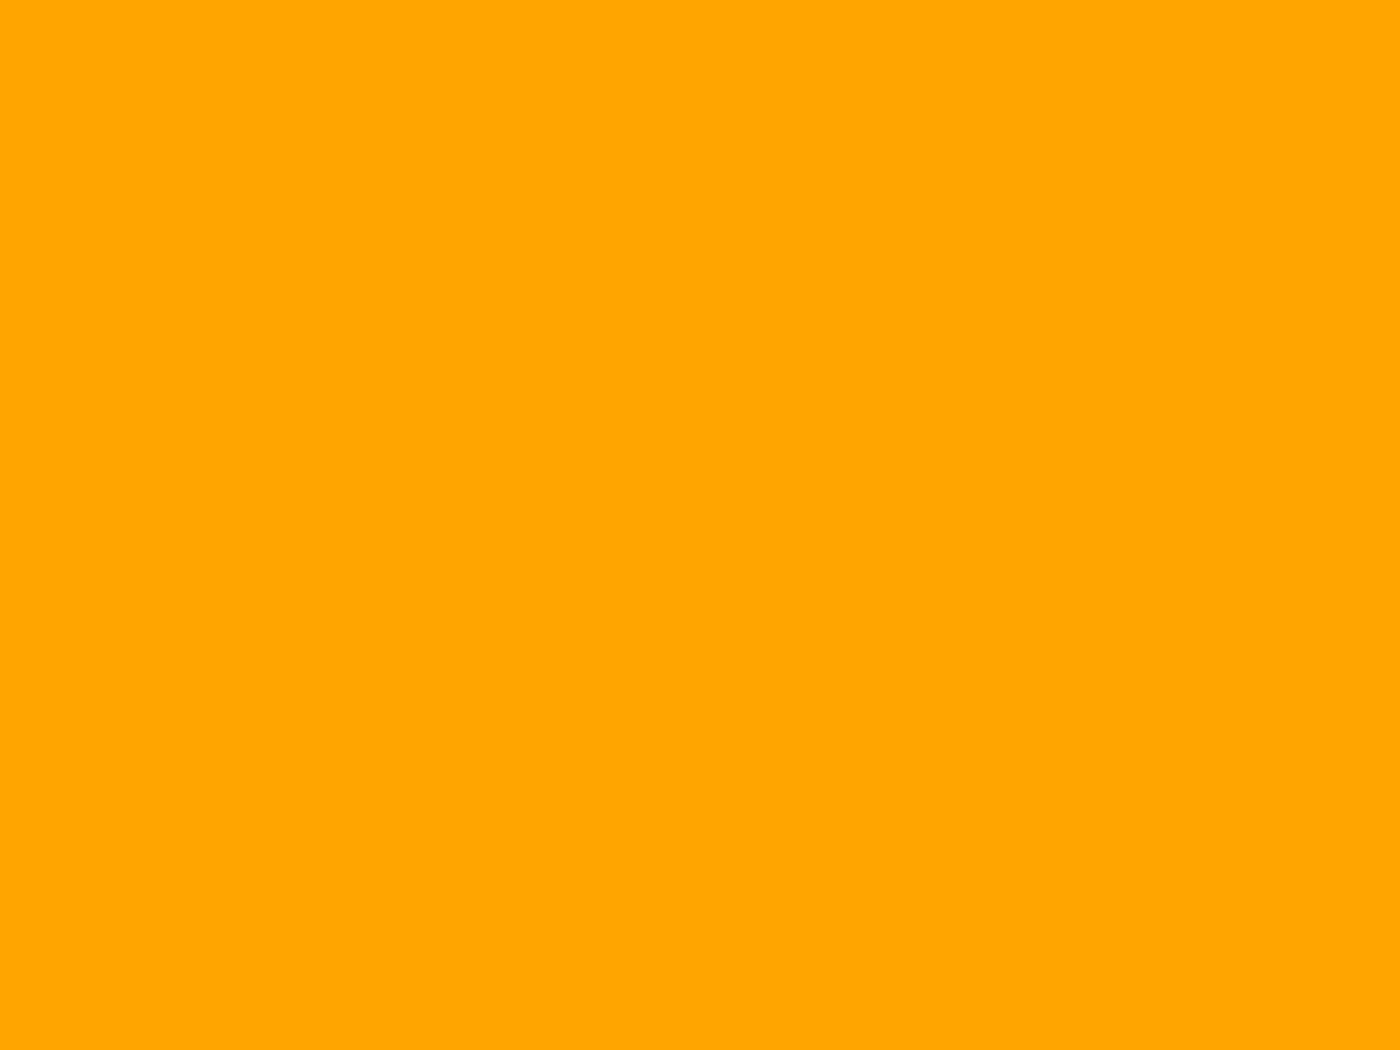 1400x1050 Orange Web Solid Color Background